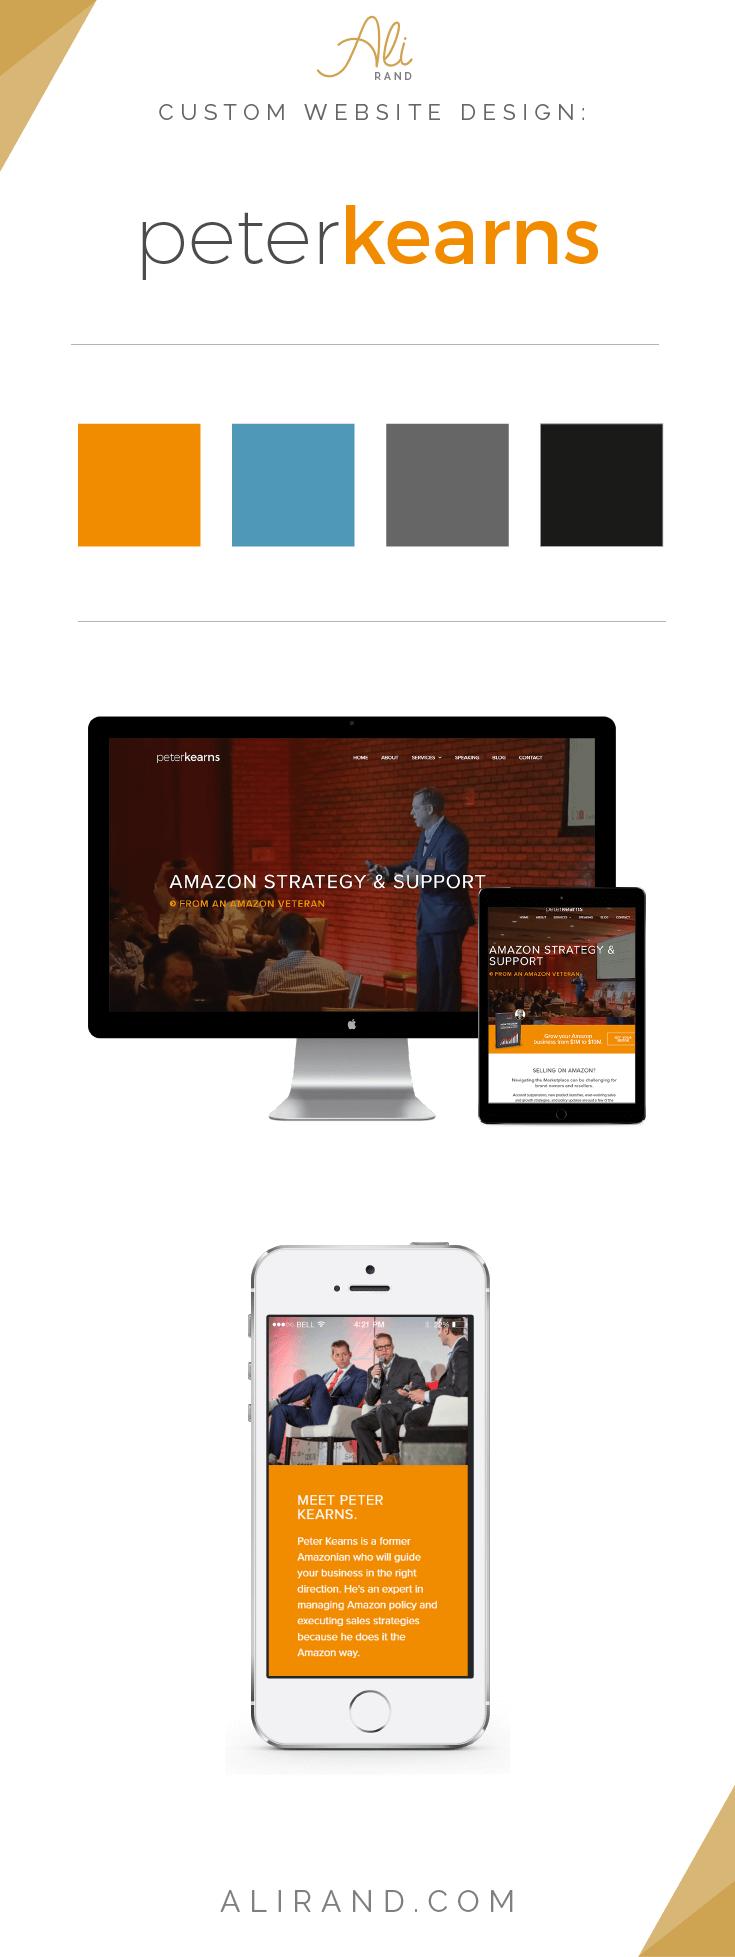 Ali Rand Custom Website Design for Peter Kearns Amazon Seller consultant